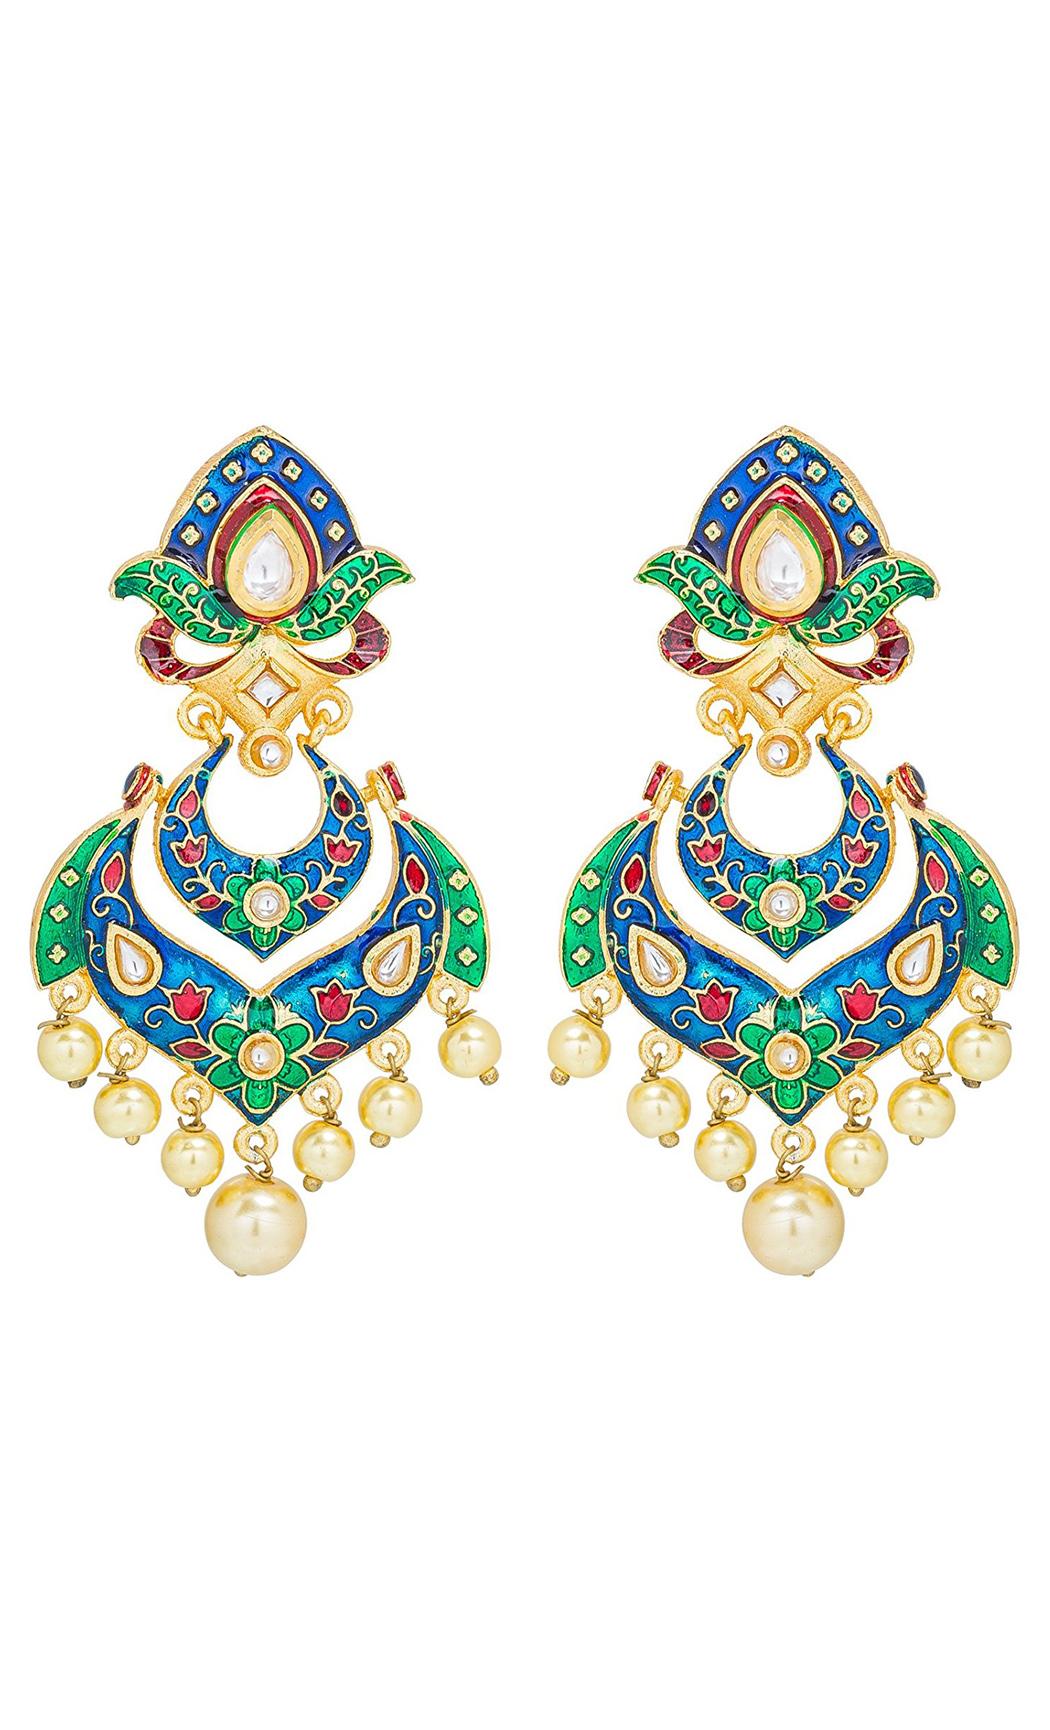 Blue and Green Meena Earrings | Wedding Earrings | Buy Online